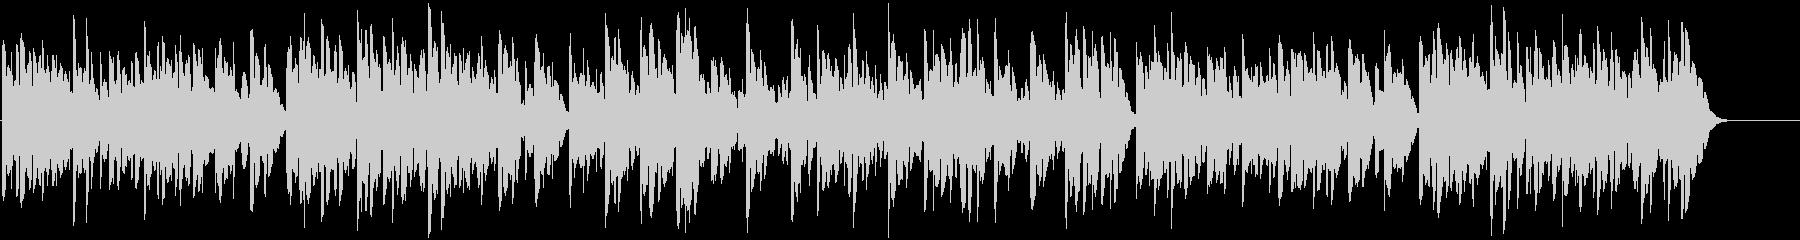 鉄琴の優しいほのぼの系の曲の未再生の波形